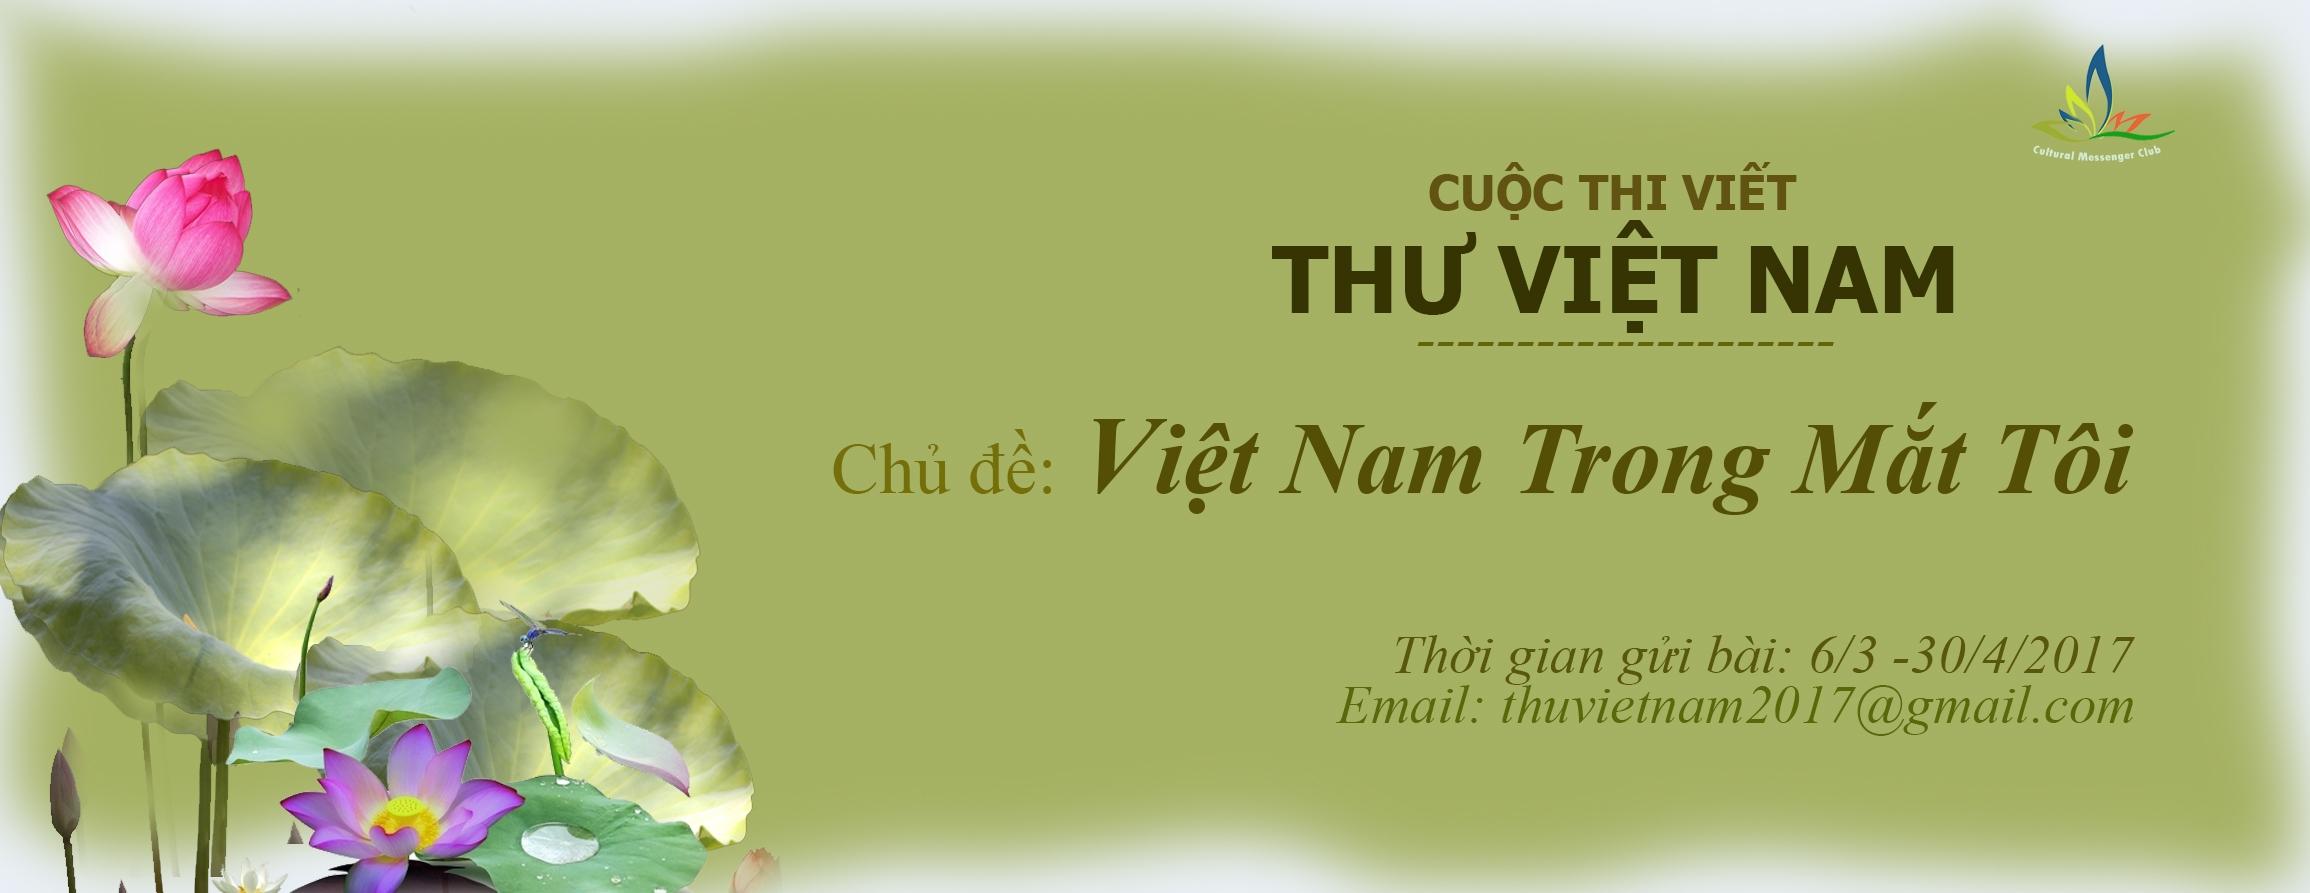 Phát động cuộc thi viết Thư Việt Nam lần thứ nhất (2017)